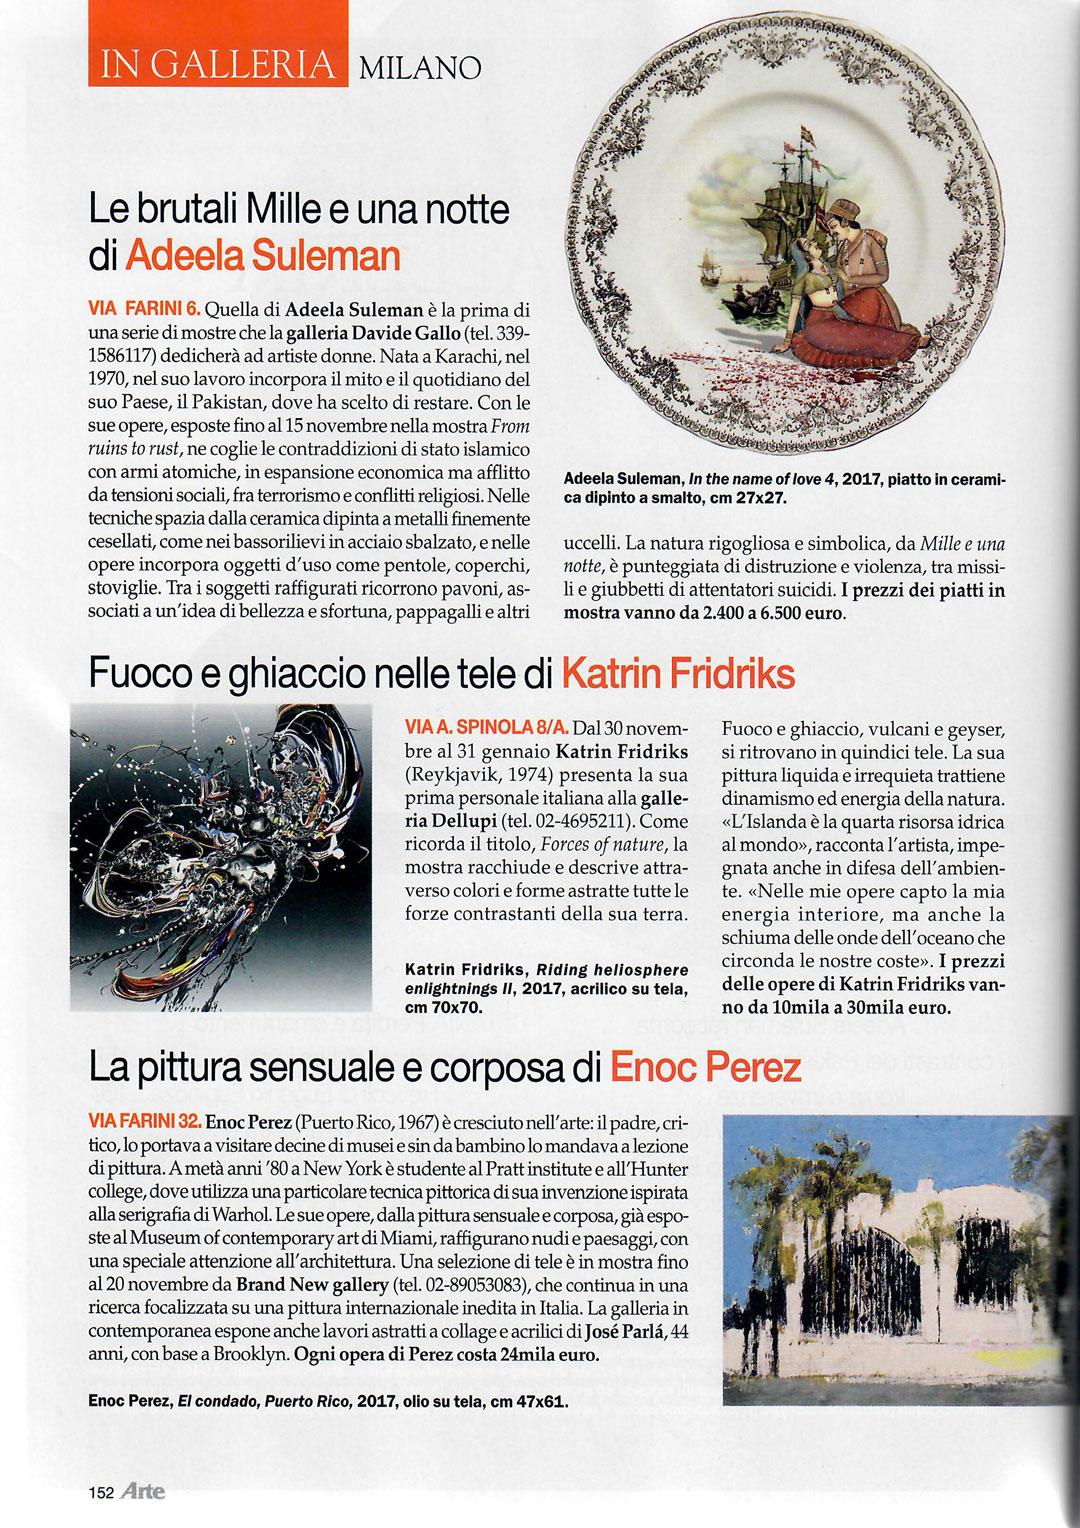 articolo-arteweb